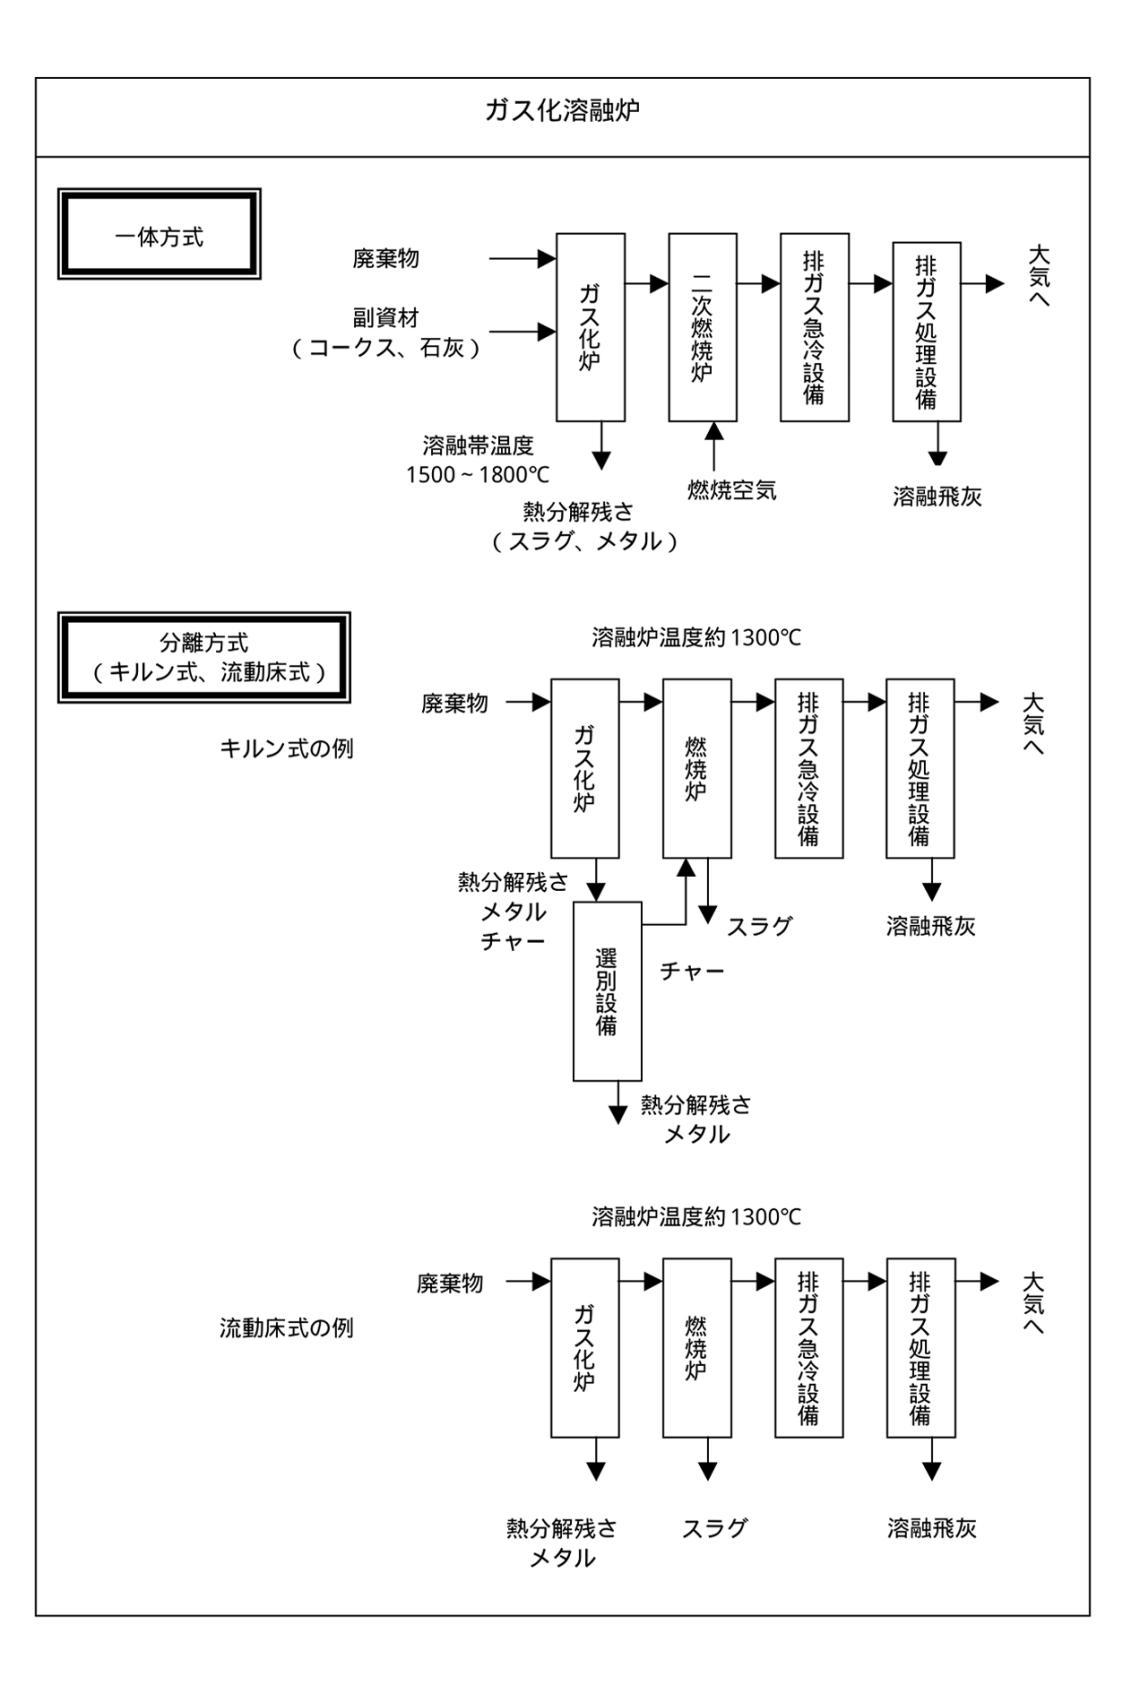 ガス化溶融炉 システムの概要 環境省 熱分解装置 Biogreen 2018.4.4